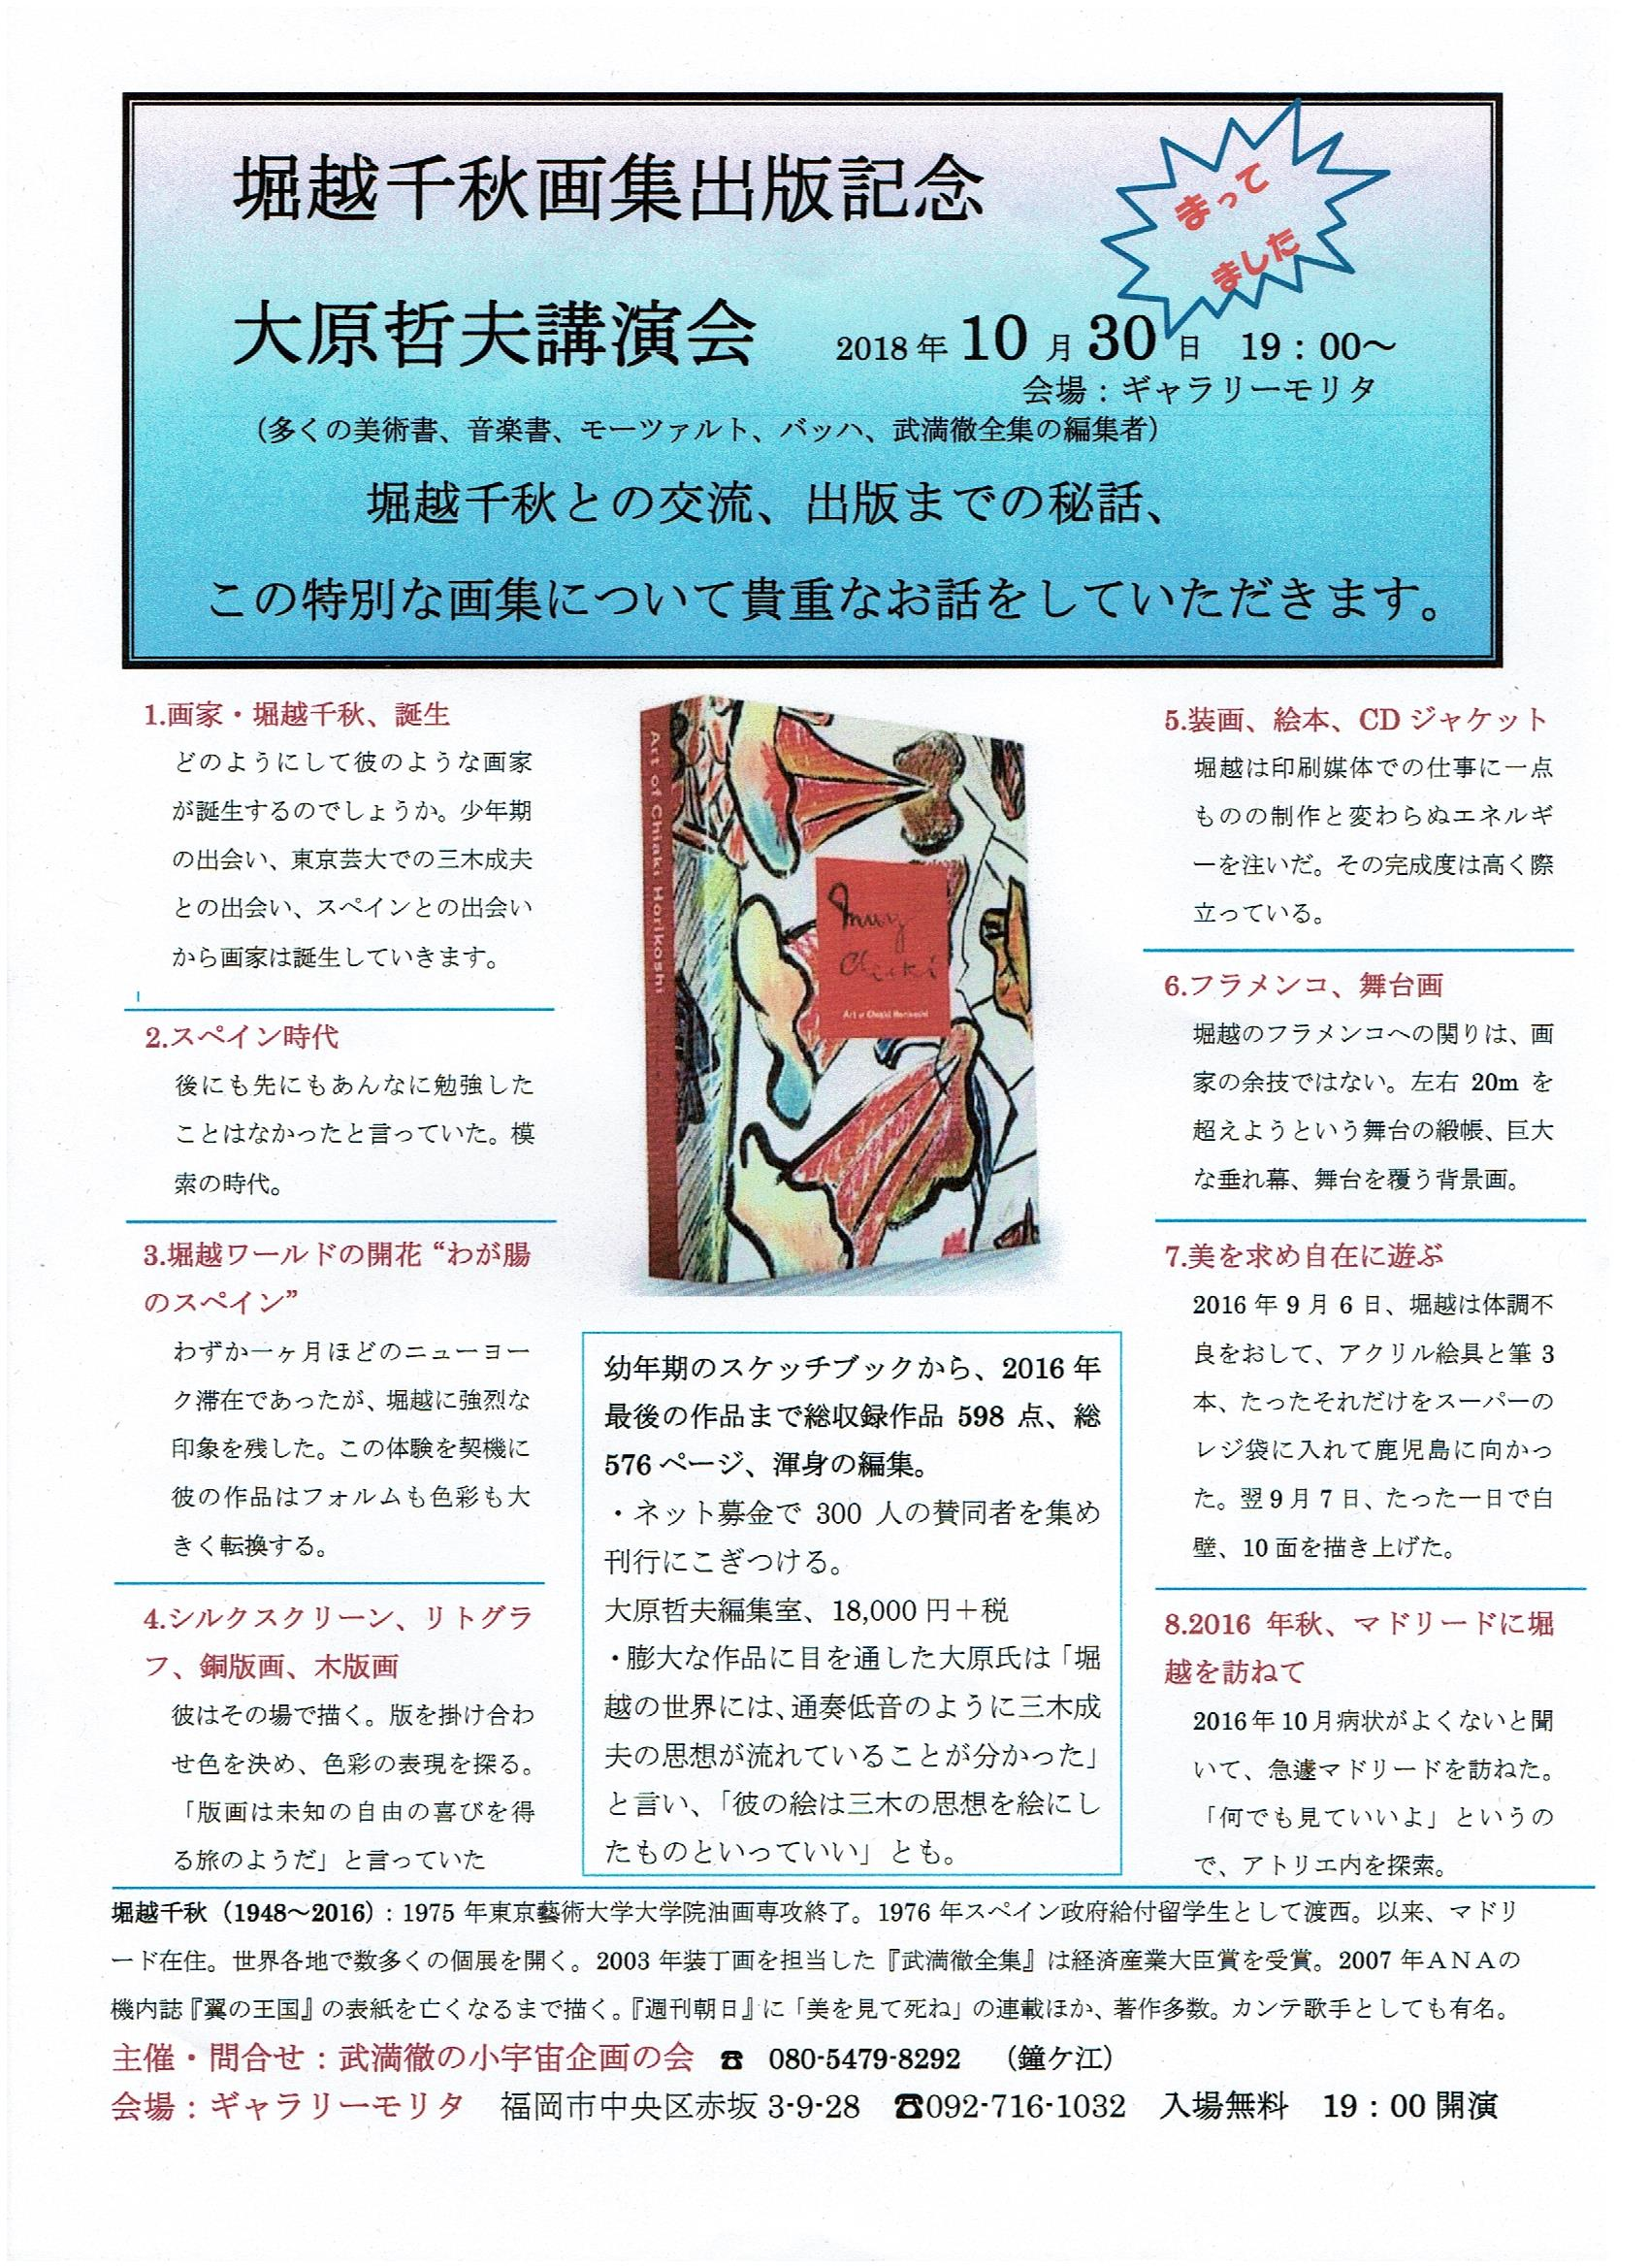 10/30(火)堀越千秋画集出版記念・大原哲夫講演会 inギャラリーモリタ